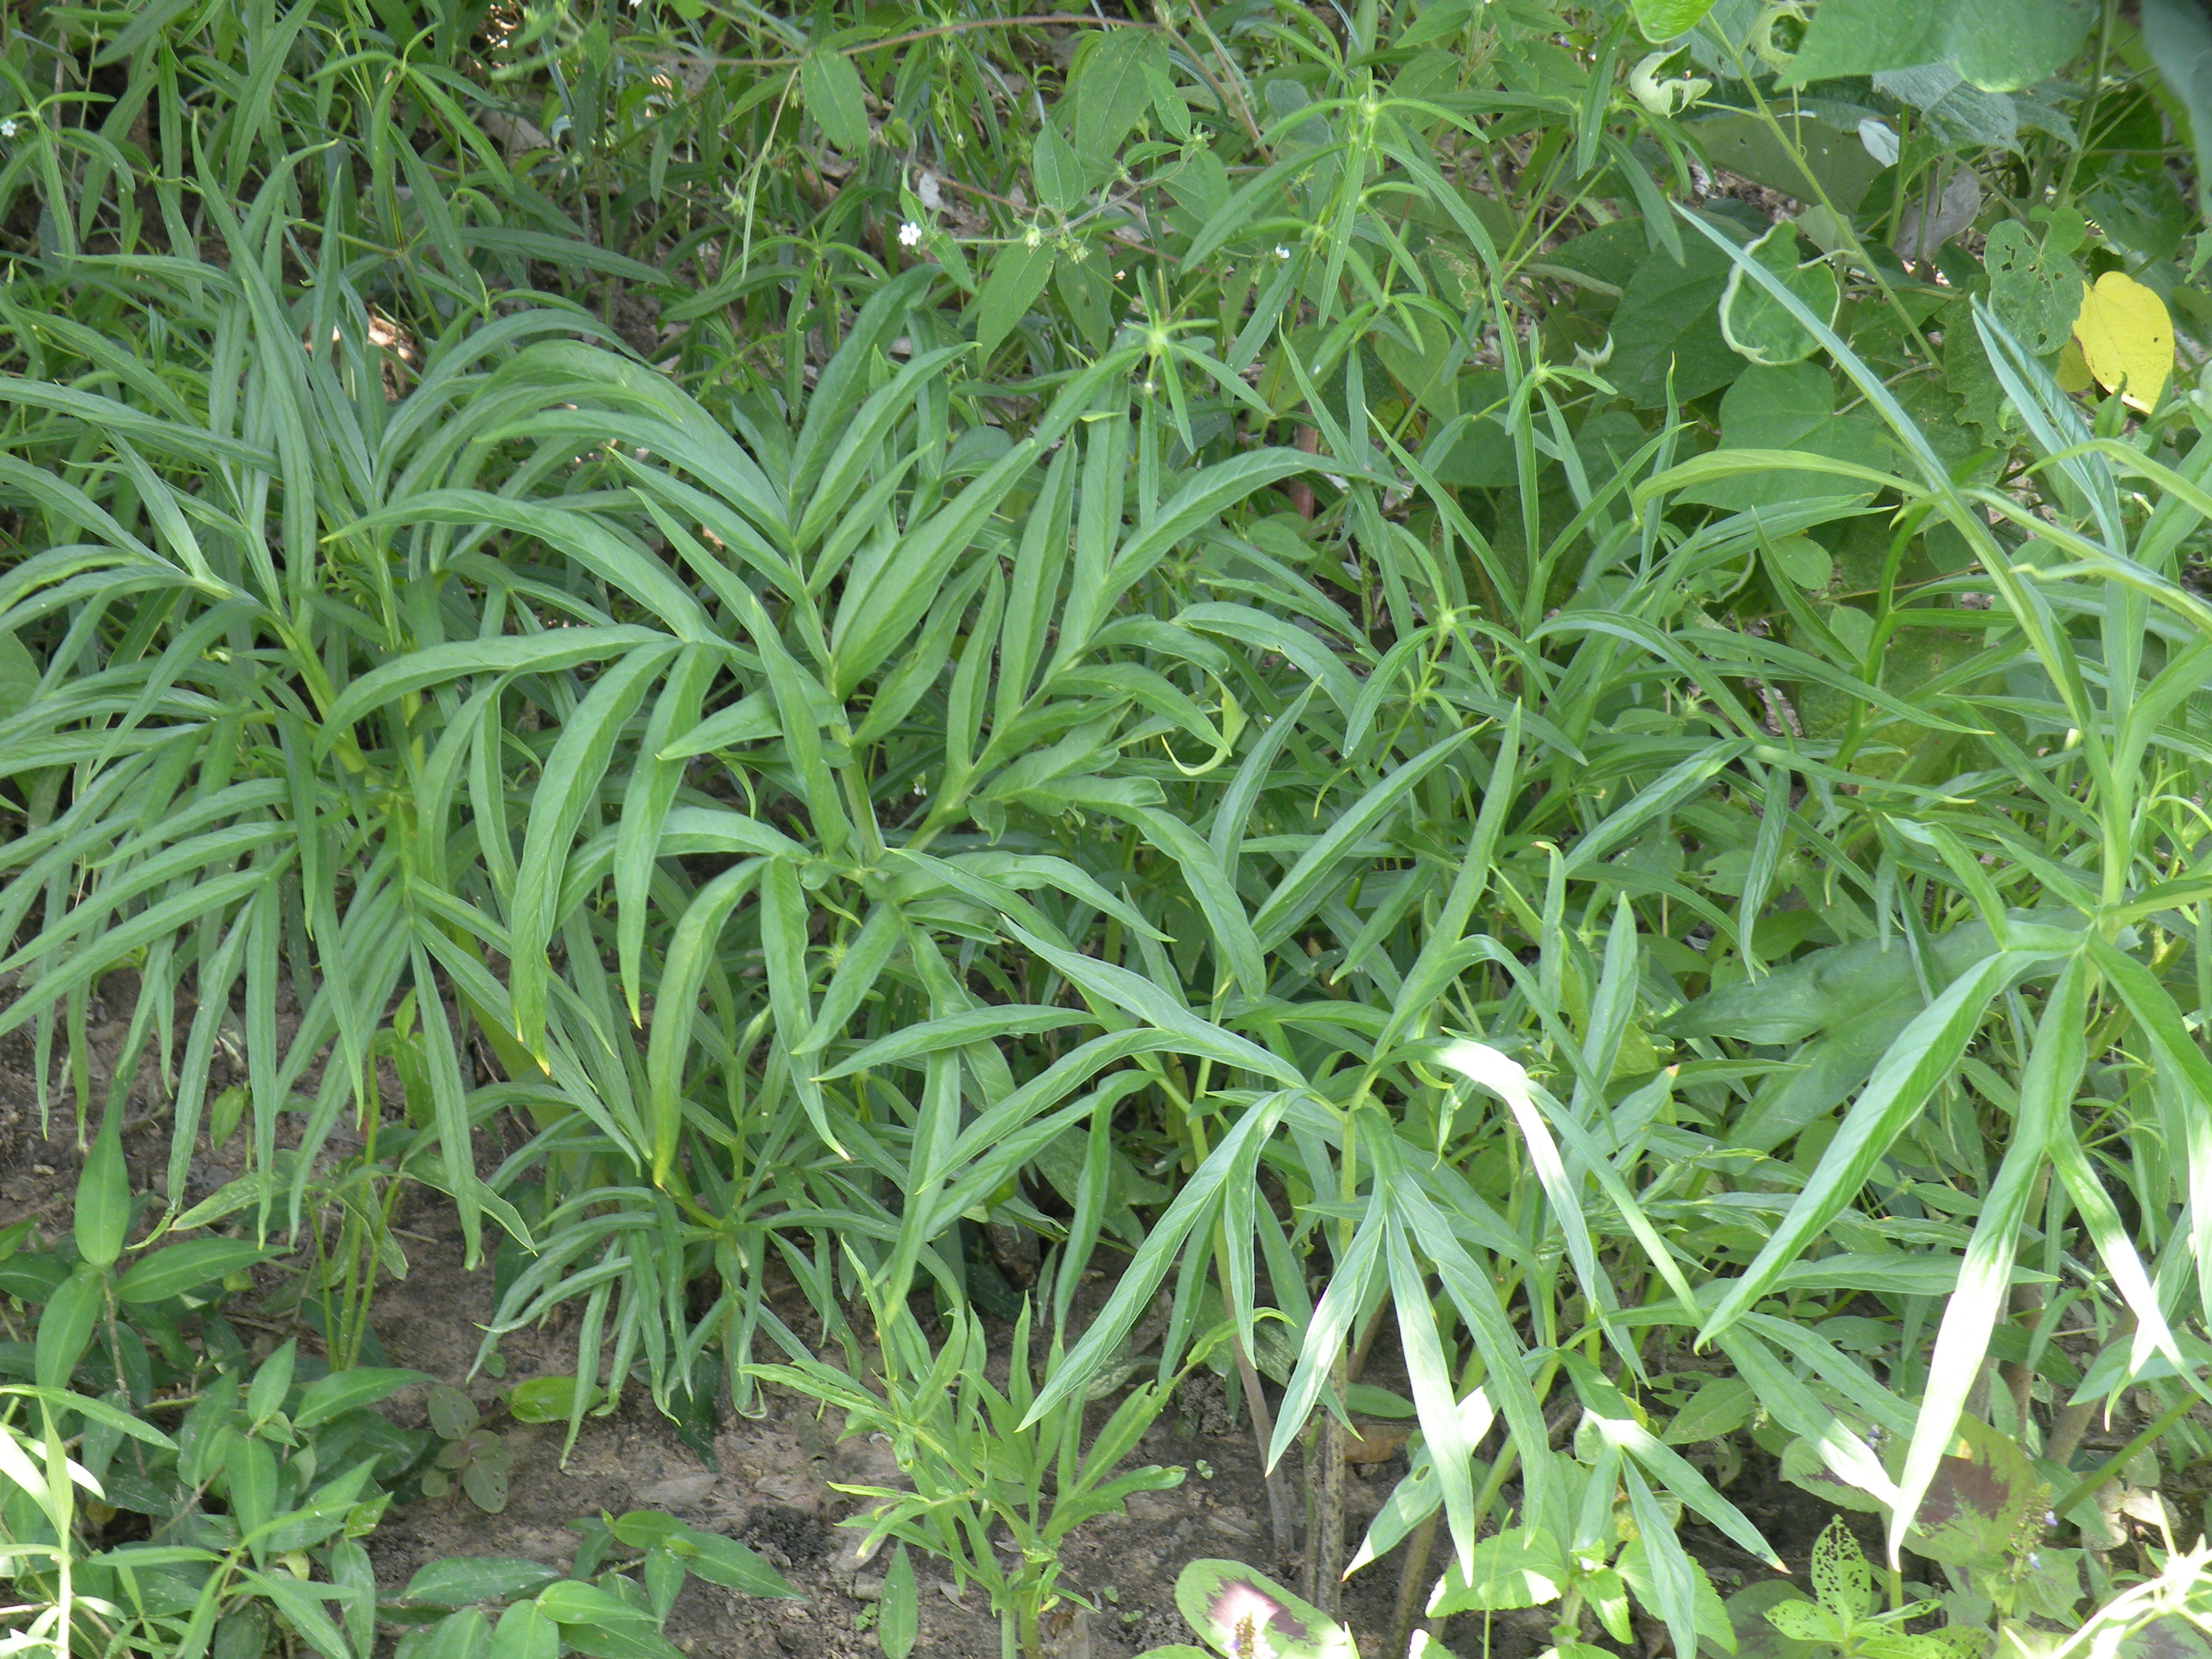 イネ圃場の端の樹陰地での生育状態